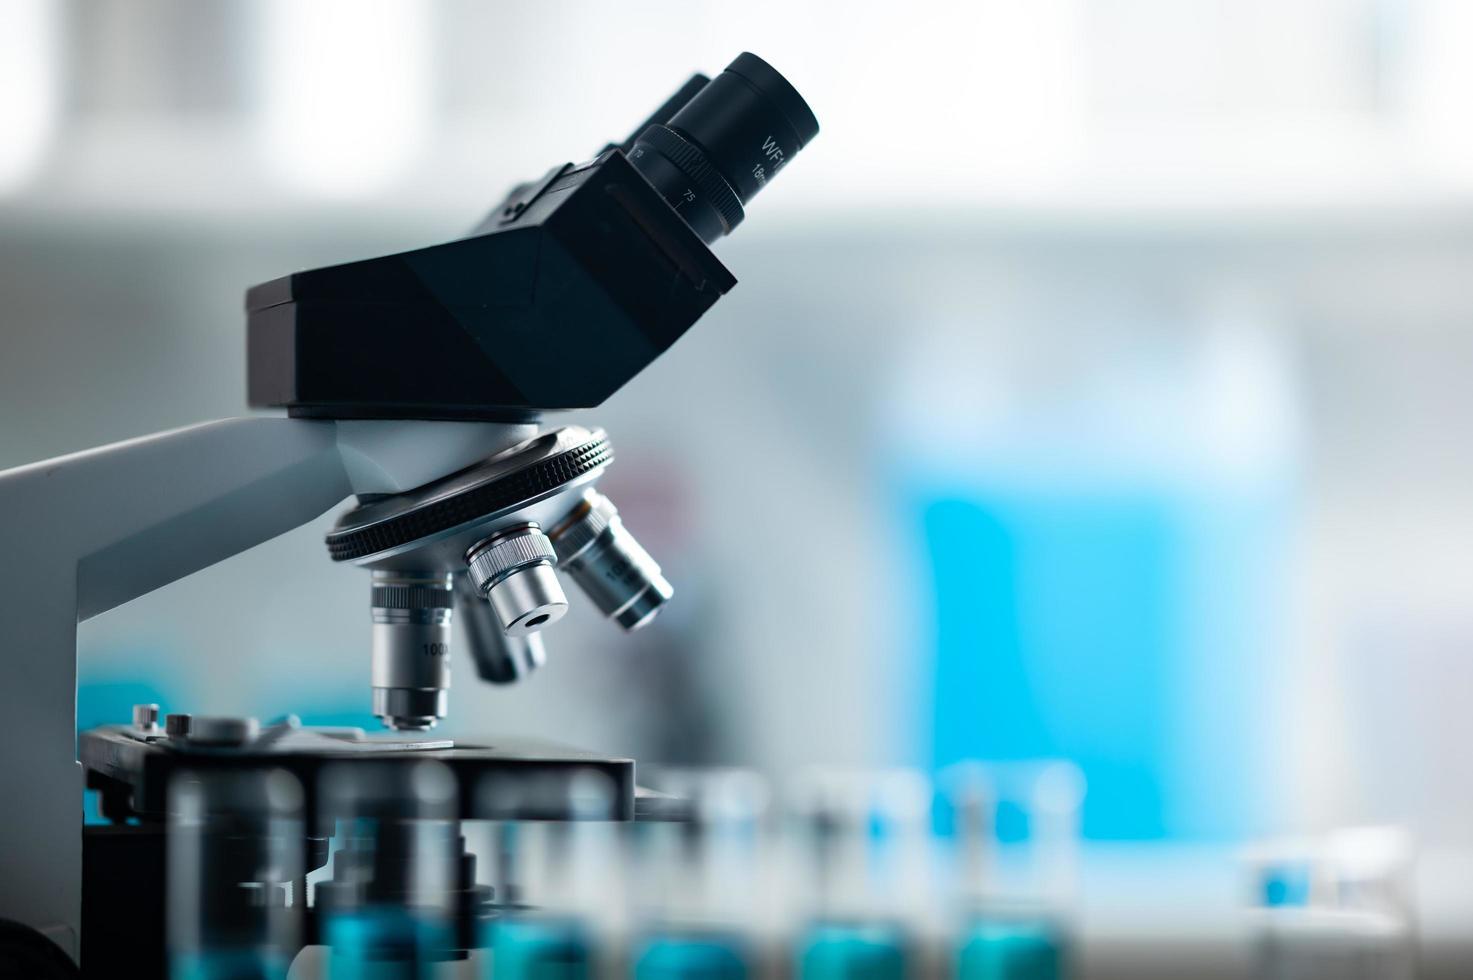 mikroskop i ett laboratorium foto